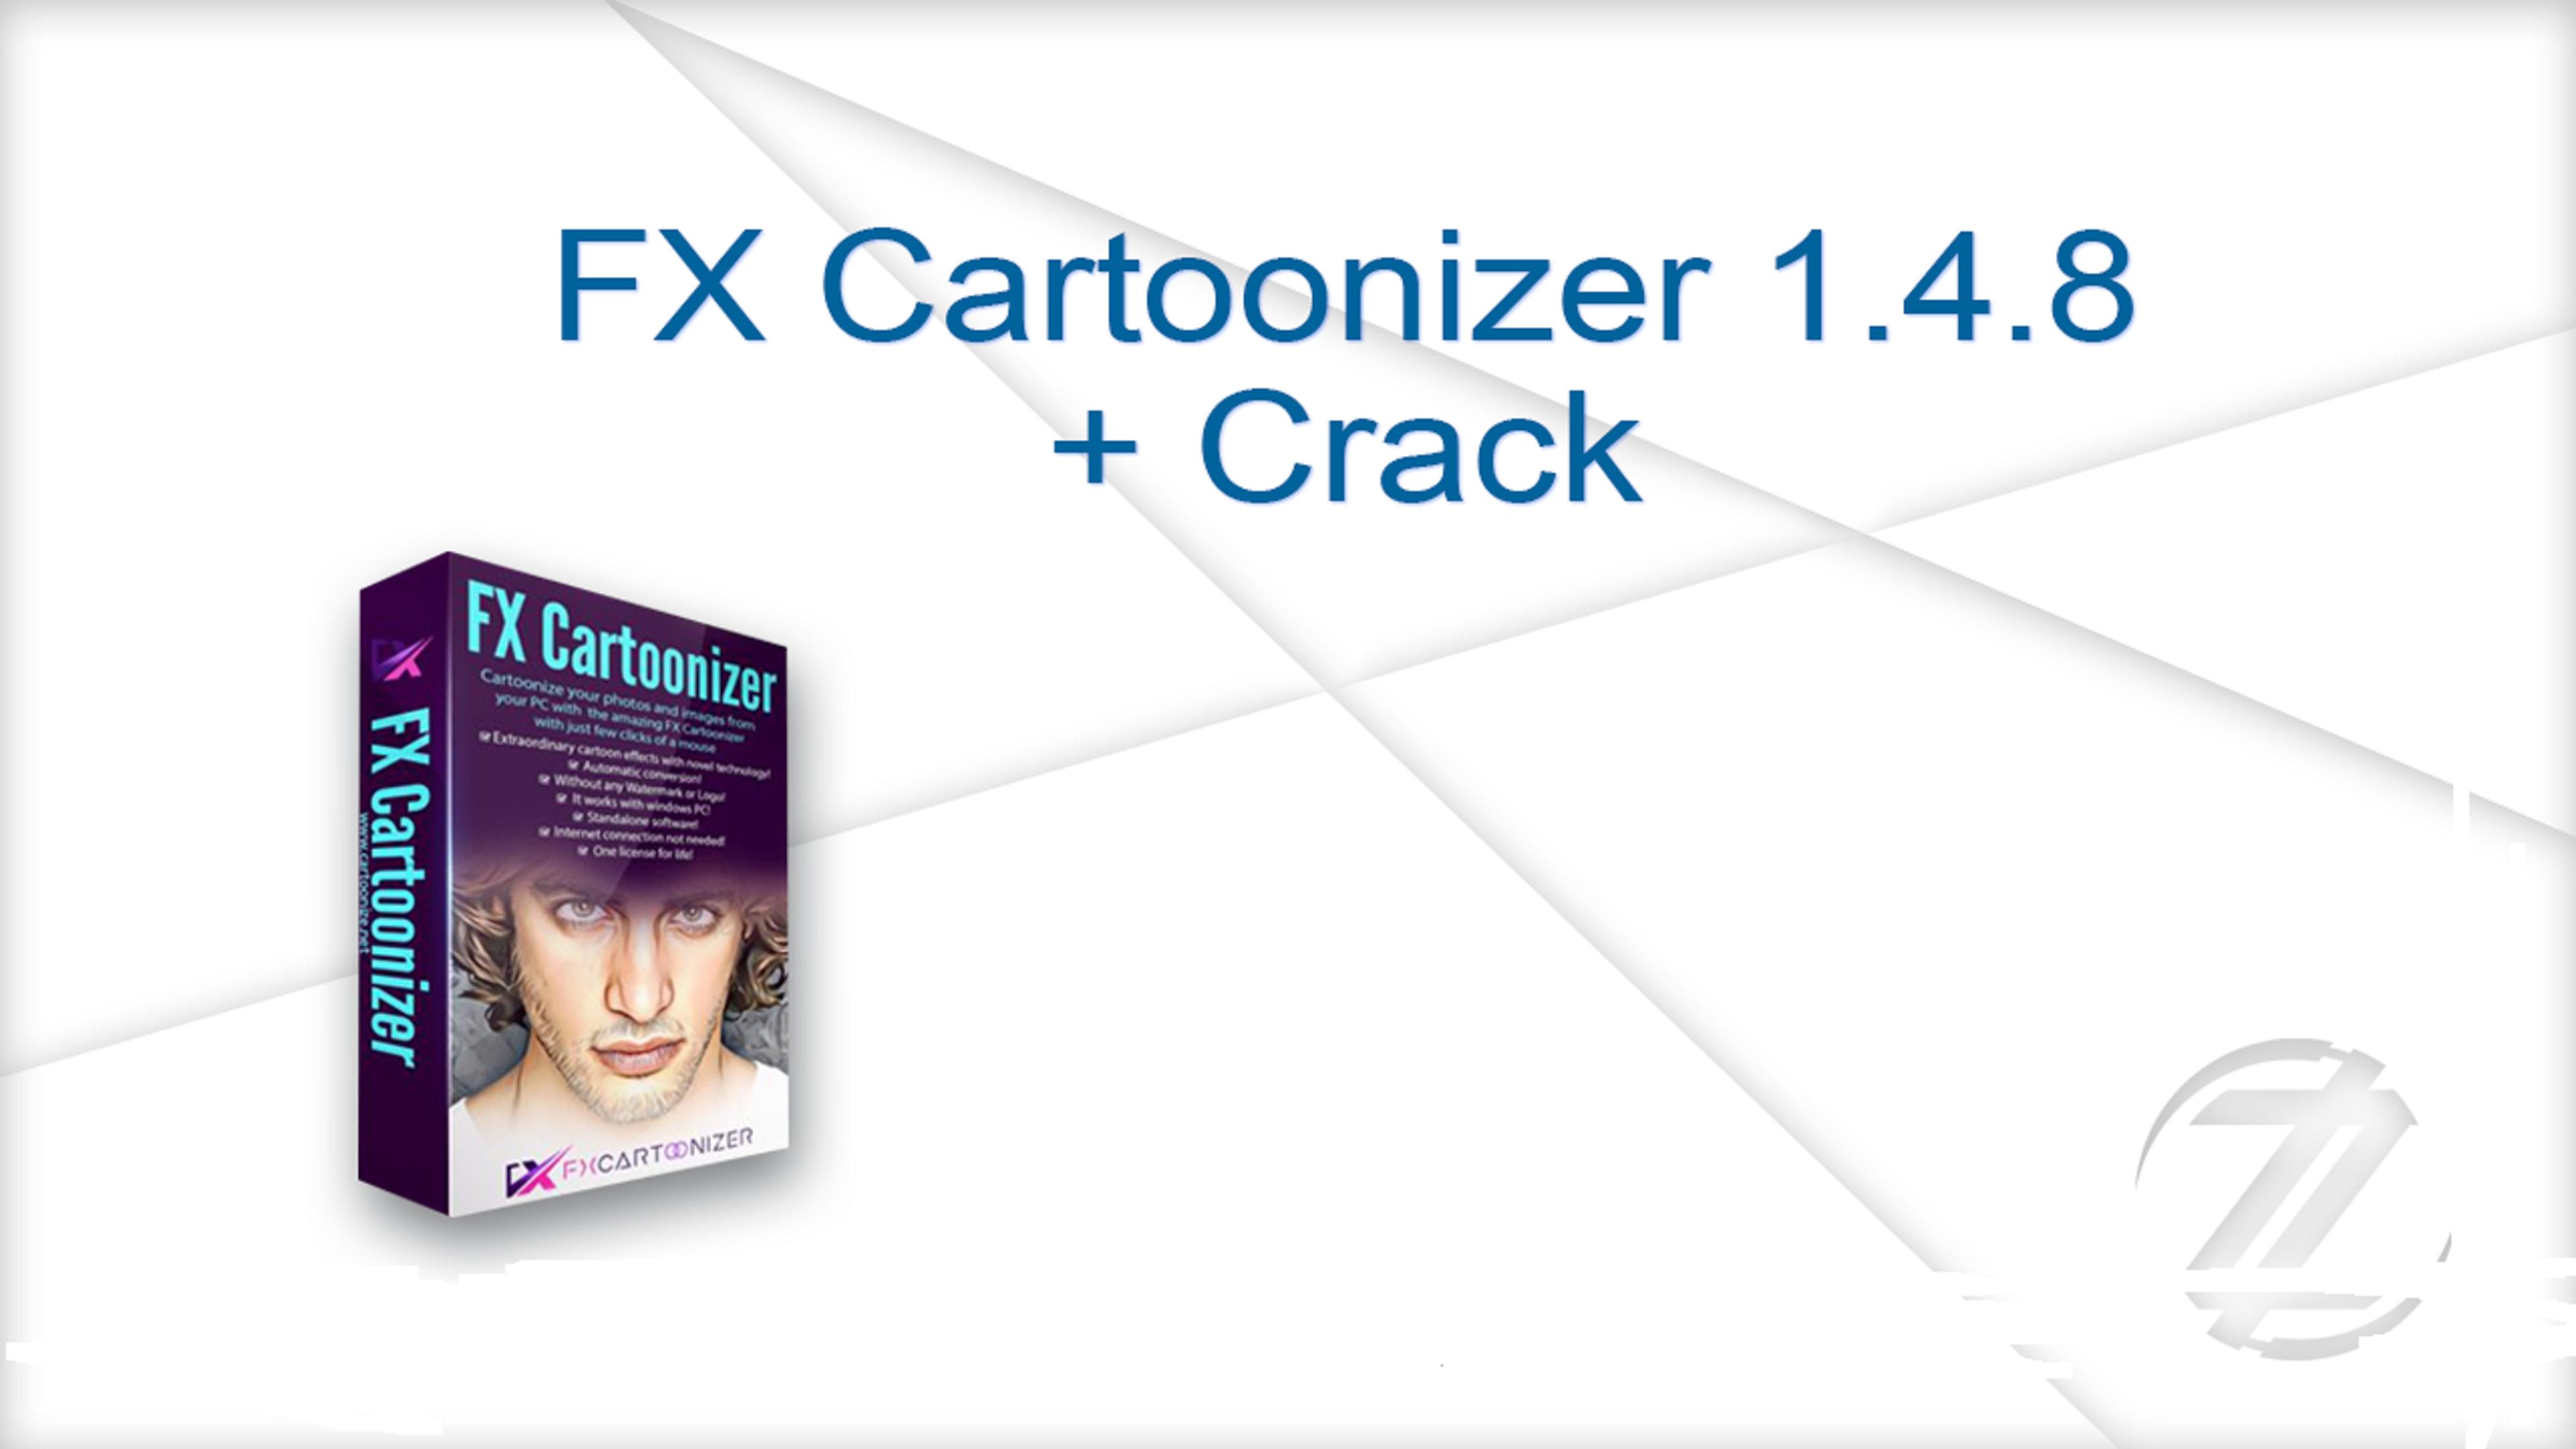 FX Cartoonizer 1.4.8 Version Free Download [Latest